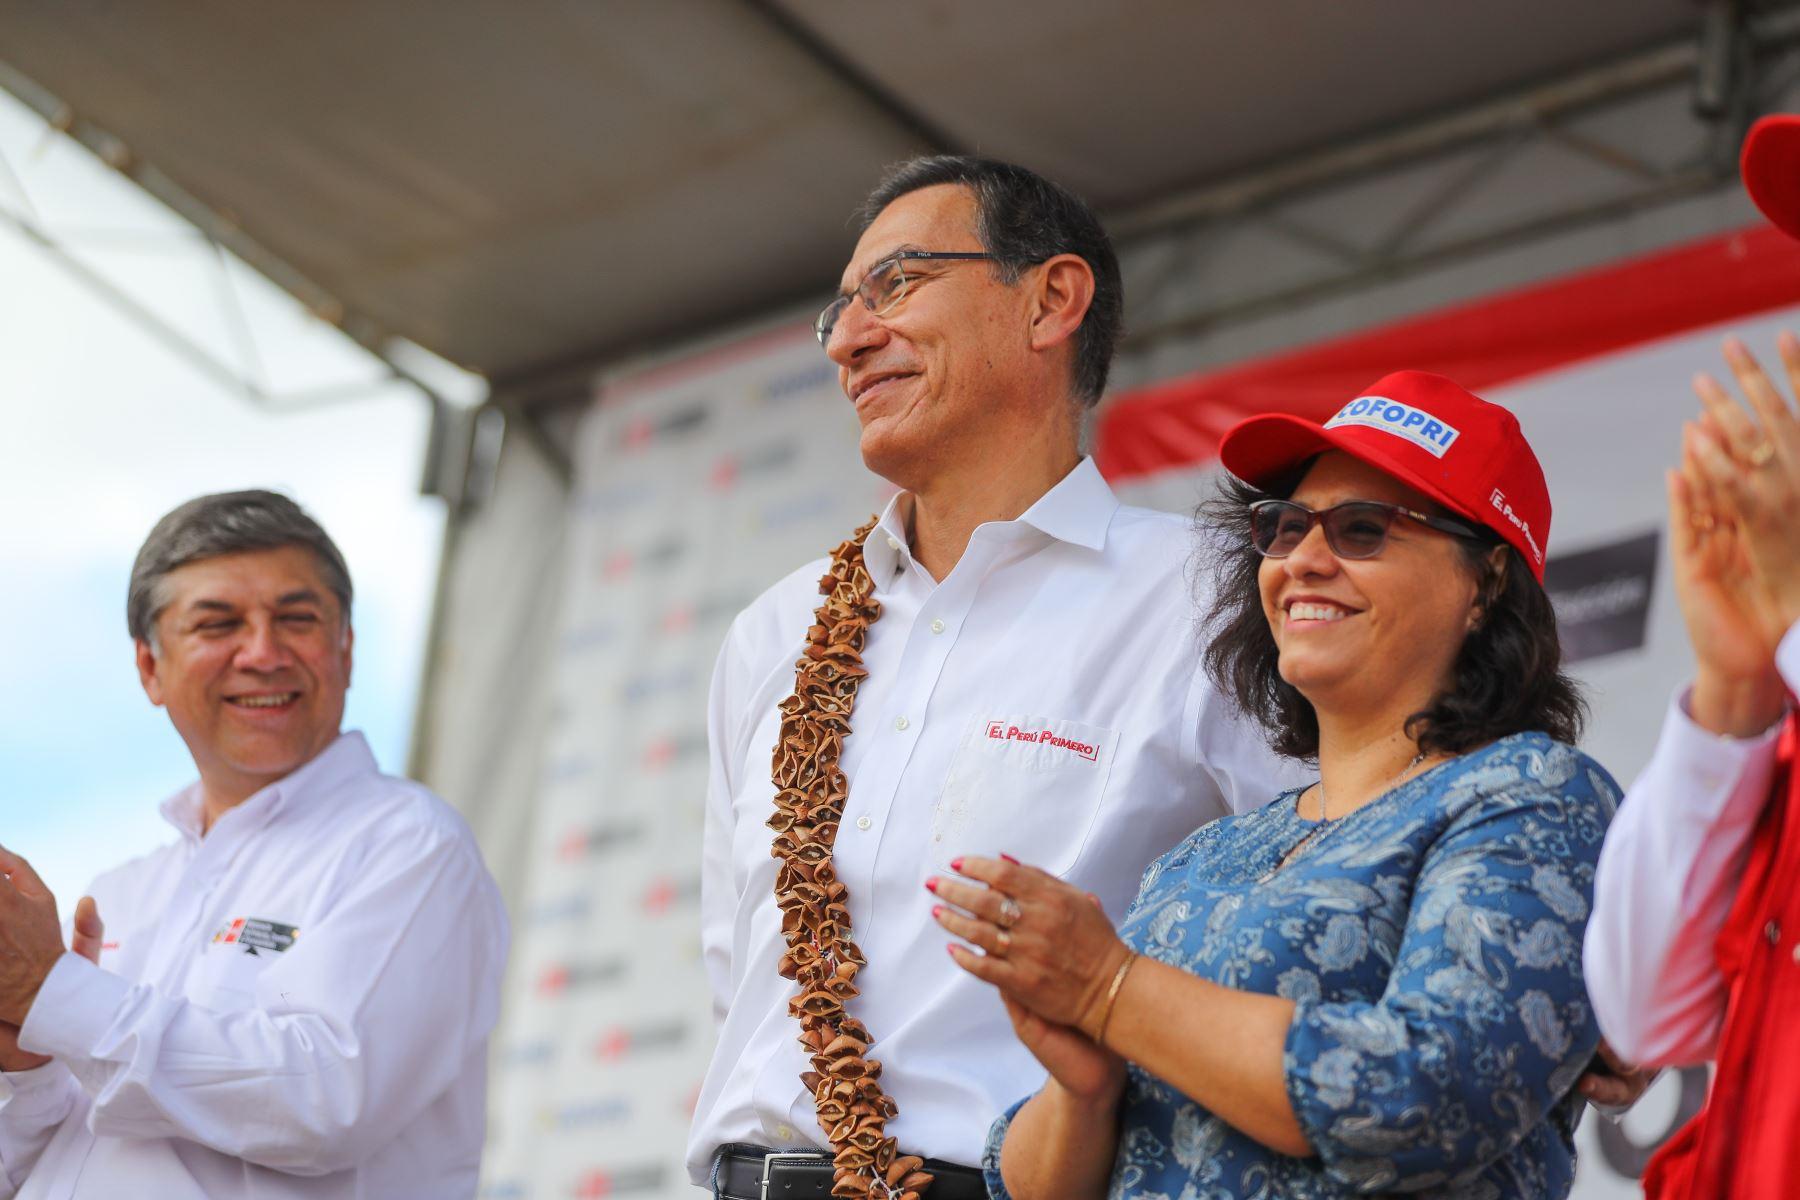 Presidente  Martín Vizcarra participa en la ceremonia de entrega de 1,077 títulos de propiedad en el distrito de Lamas, región San Martín.Foto: ANDINA/Prensa Presidencia